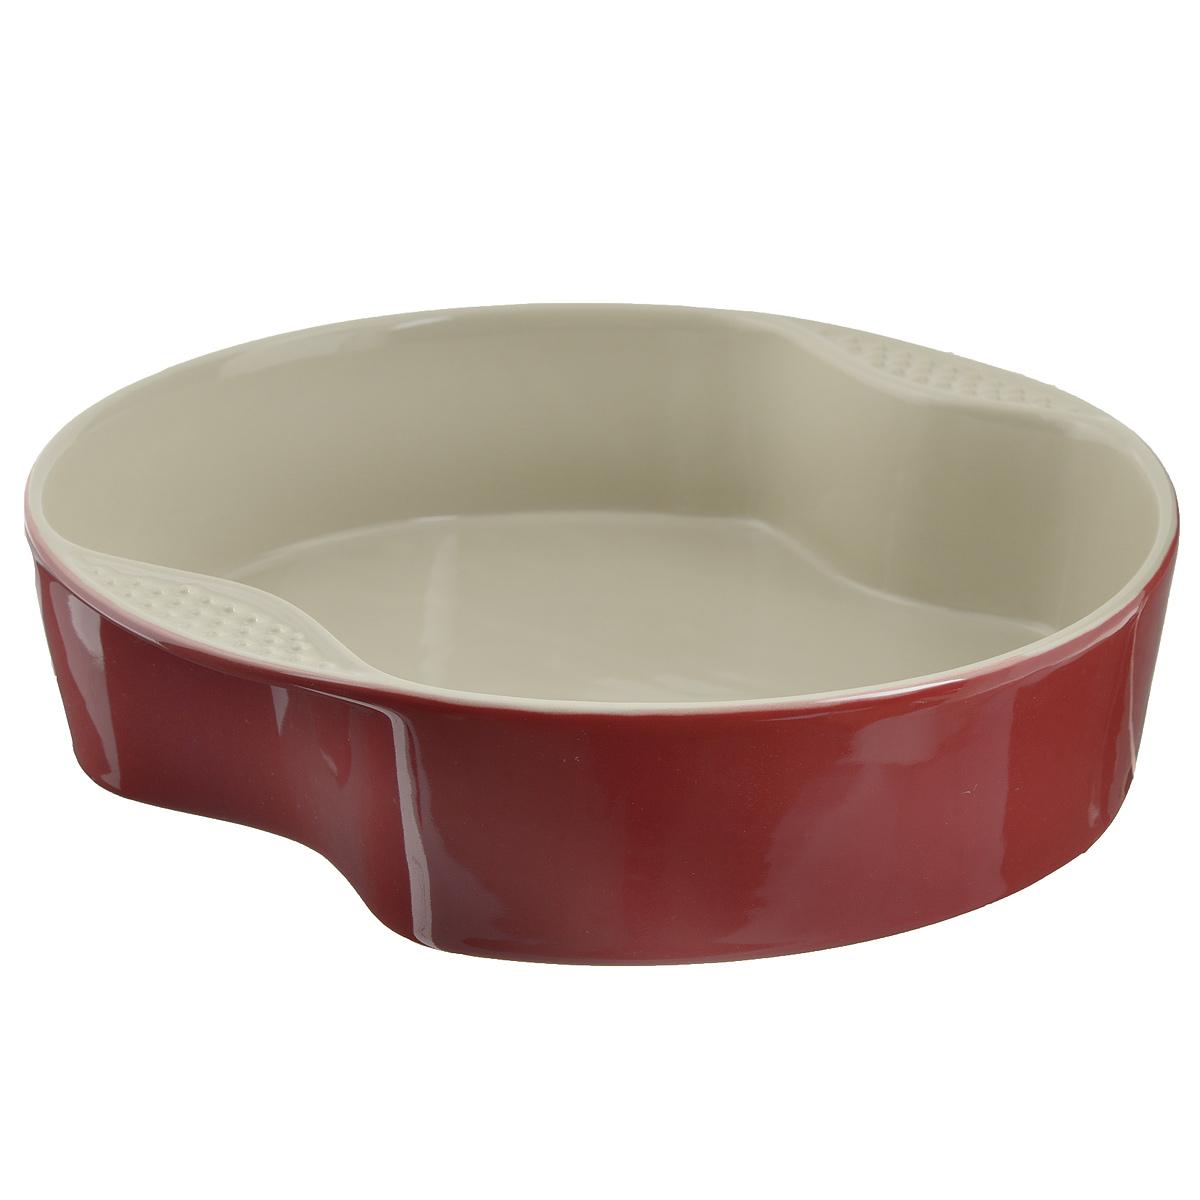 Форма для выпечки Mayer & Boch, цвет: красный, диаметр 29 см21770Форма для выпечки Mayer & Boch изготовленная из жаропрочной керамики, подходит для любого вида пищи. Элегантный дизайн идеально подходит для современного дома. Изделия из керамики идеально подходят как для приготовления пищи, так и для подачи на стол. Материал не содержит свинца и кадмия. С такой формой вы всегда сможете порадовать своих близких оригинальным блюдом.Форму для выпечки можно использовать в духовом шкафу и в микроволновой печи, замораживать в холодильнике. Можно мыть в посудомоечной машине.Размер формы (с учетом ручек): 29 см х 29 см х 7 см.Размер формы (без учета ручек): 21,5 см х 27,5 см х 7 см.Высота стенок: 7 см.Толщина стенок: 6-7 мм.